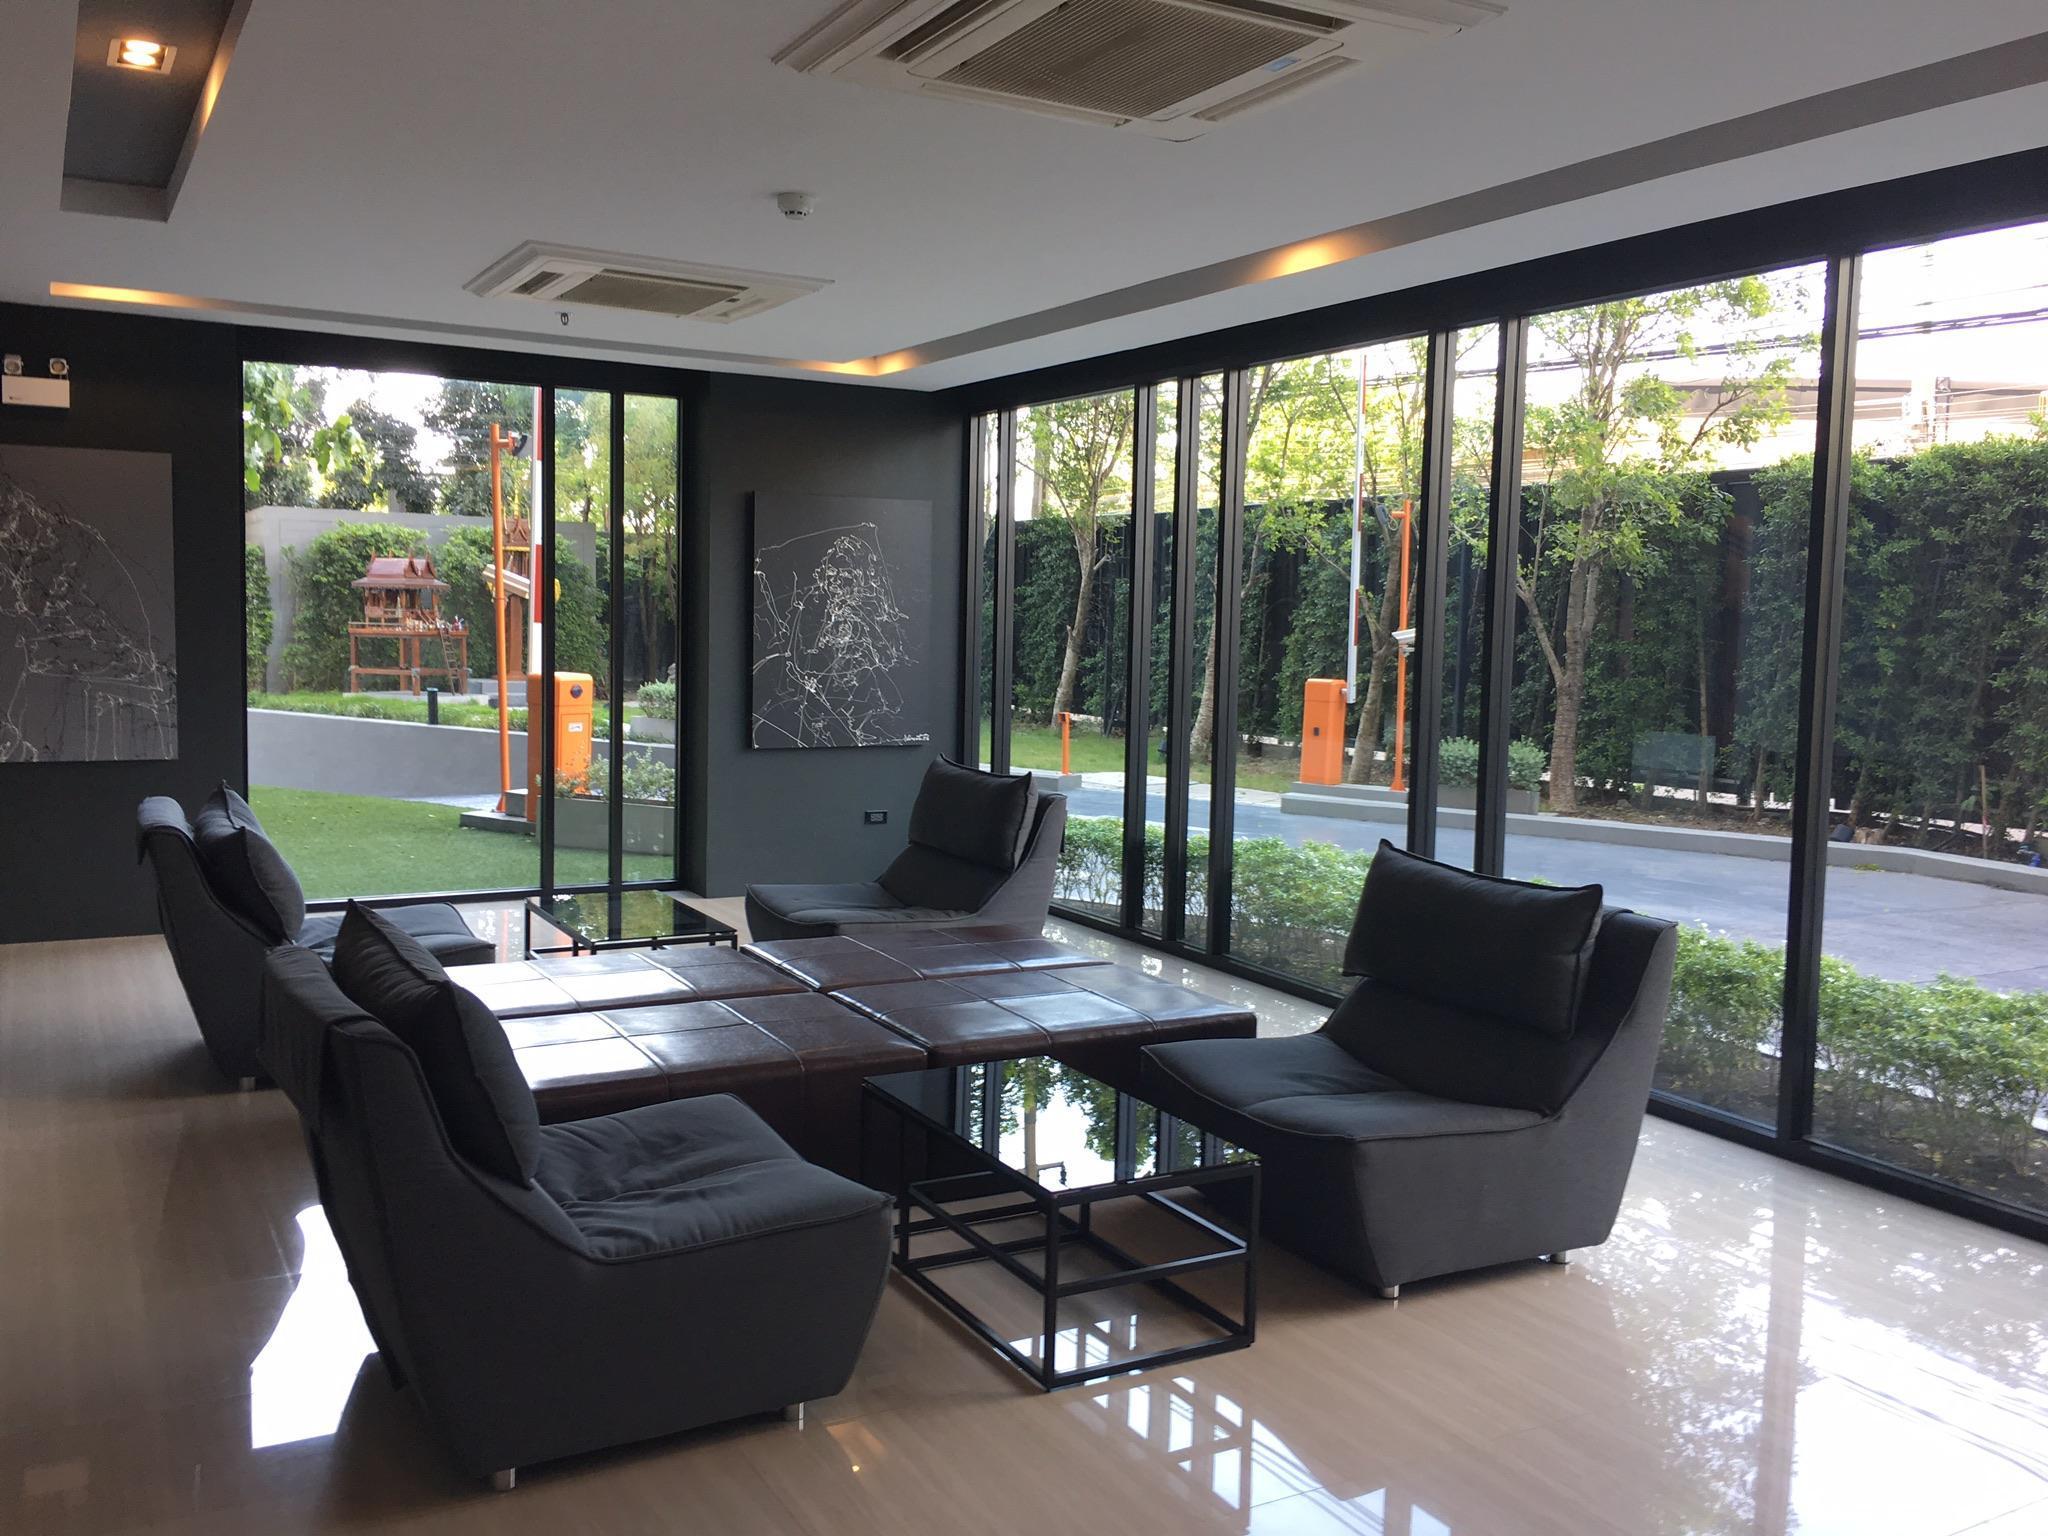 Review The gallery condominium